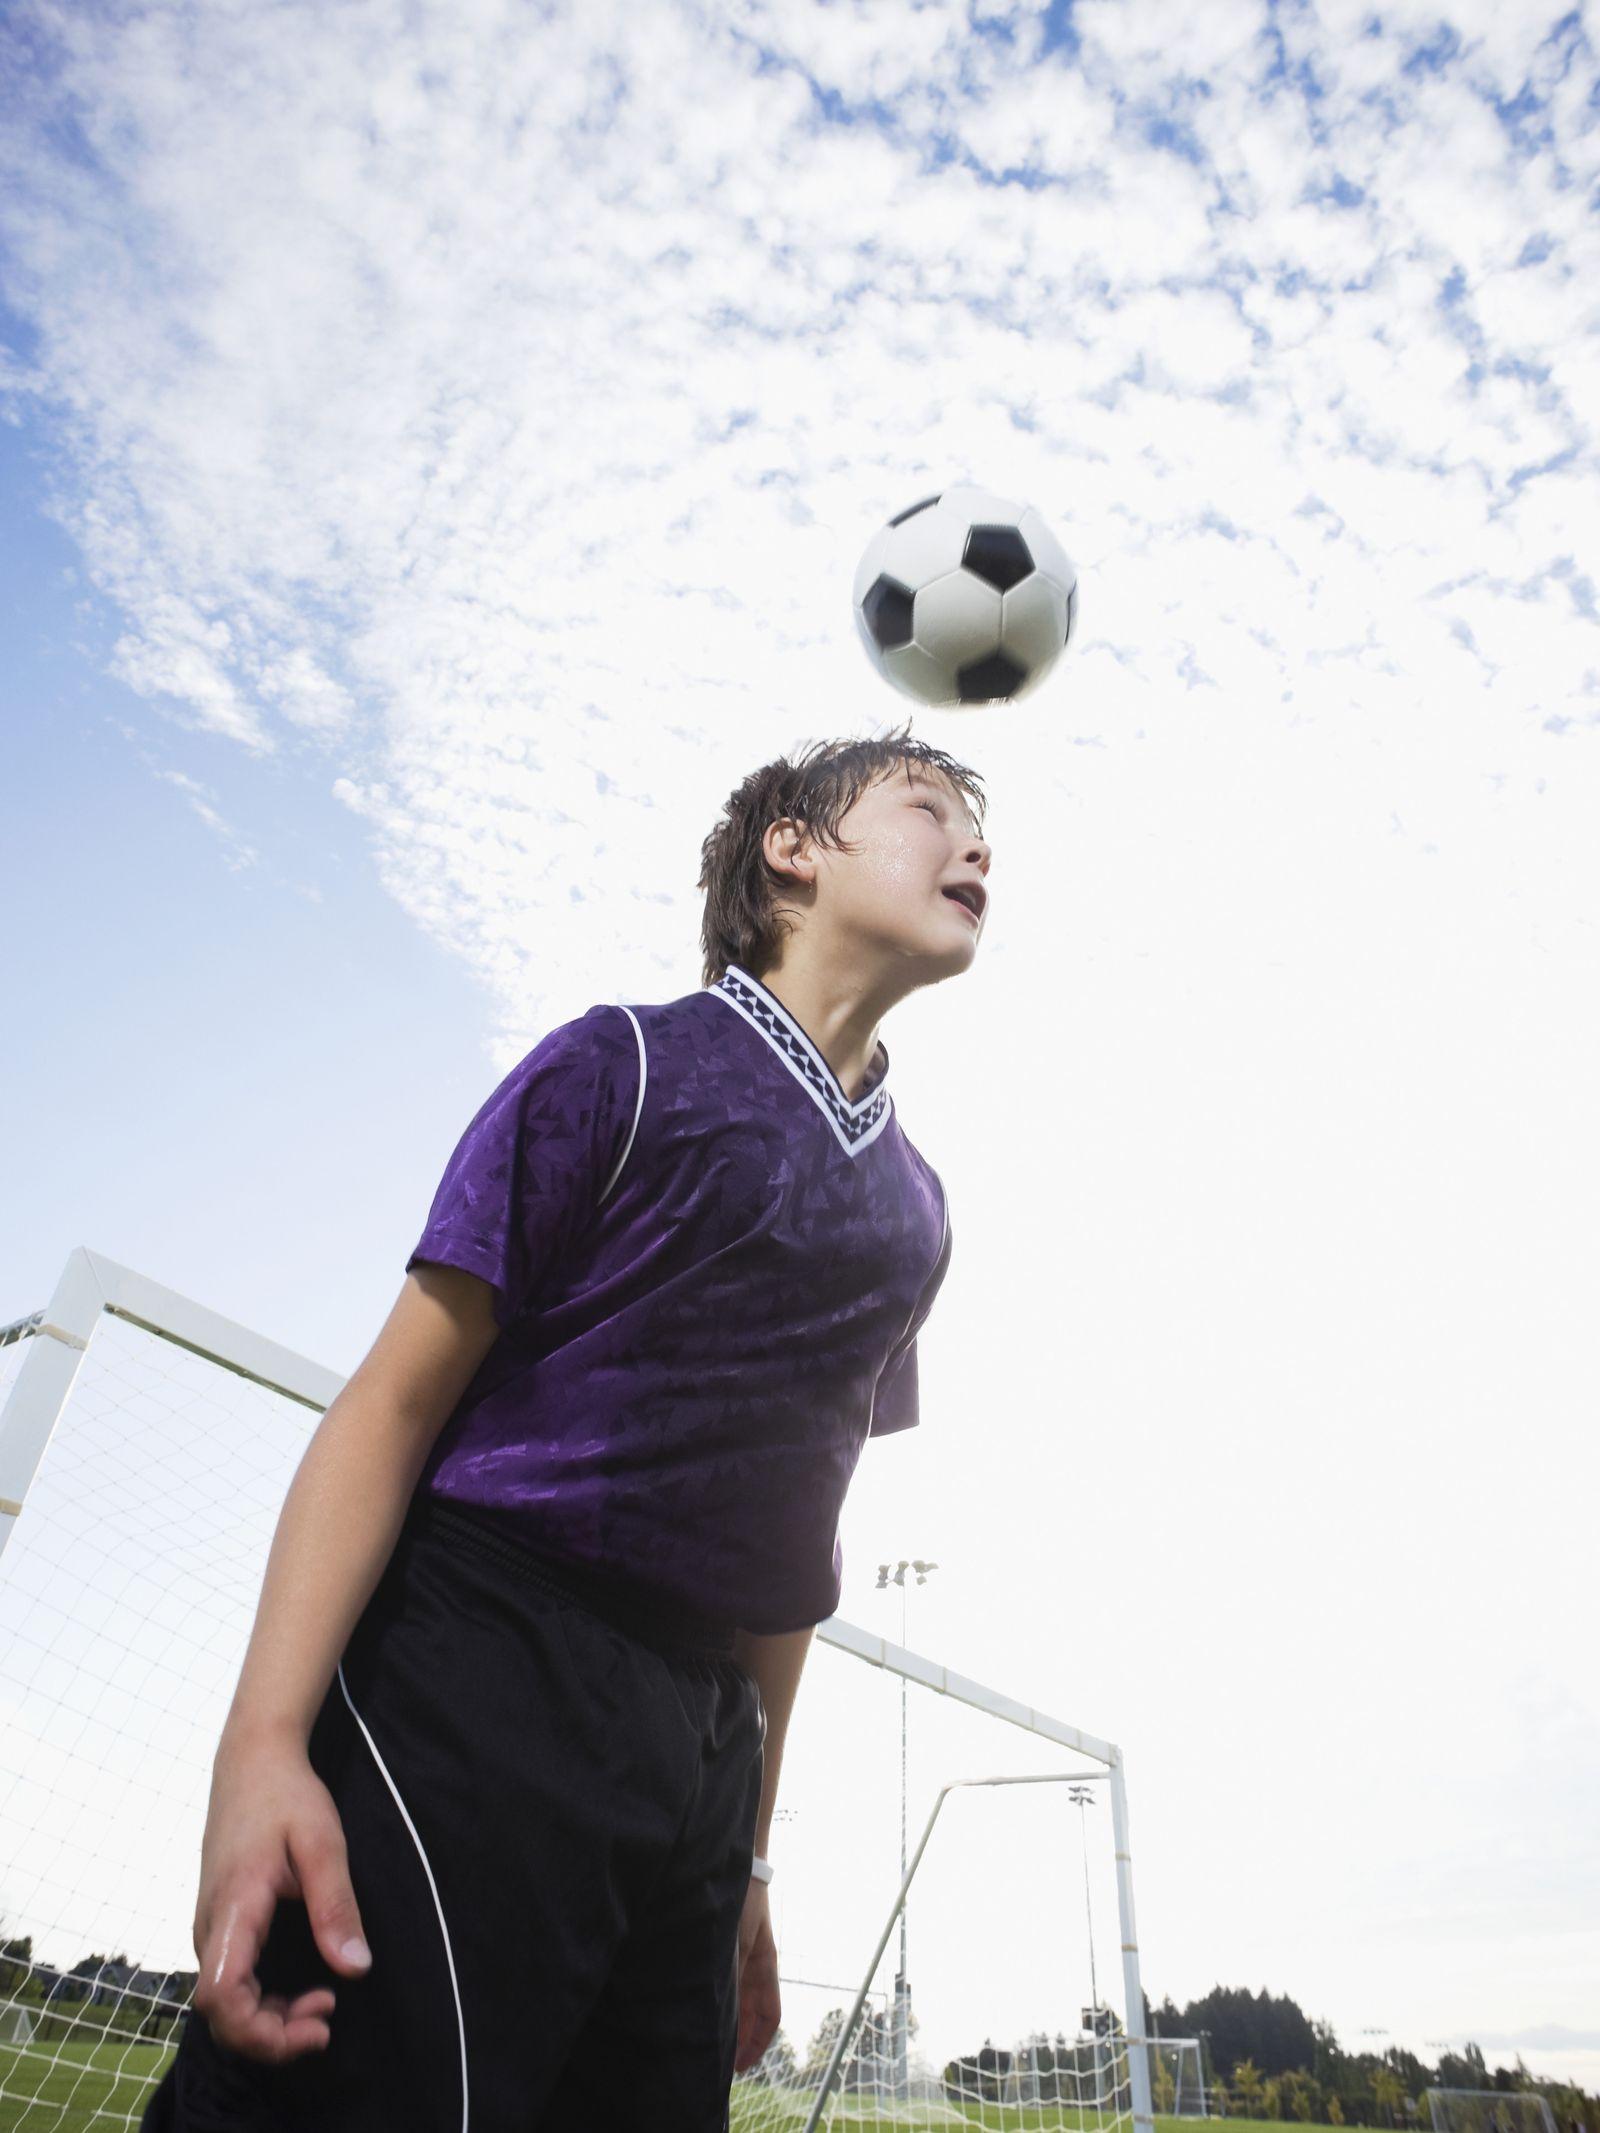 NICHT MEHR VERWENDEN! - Fussball/ Kind/ Kopfball